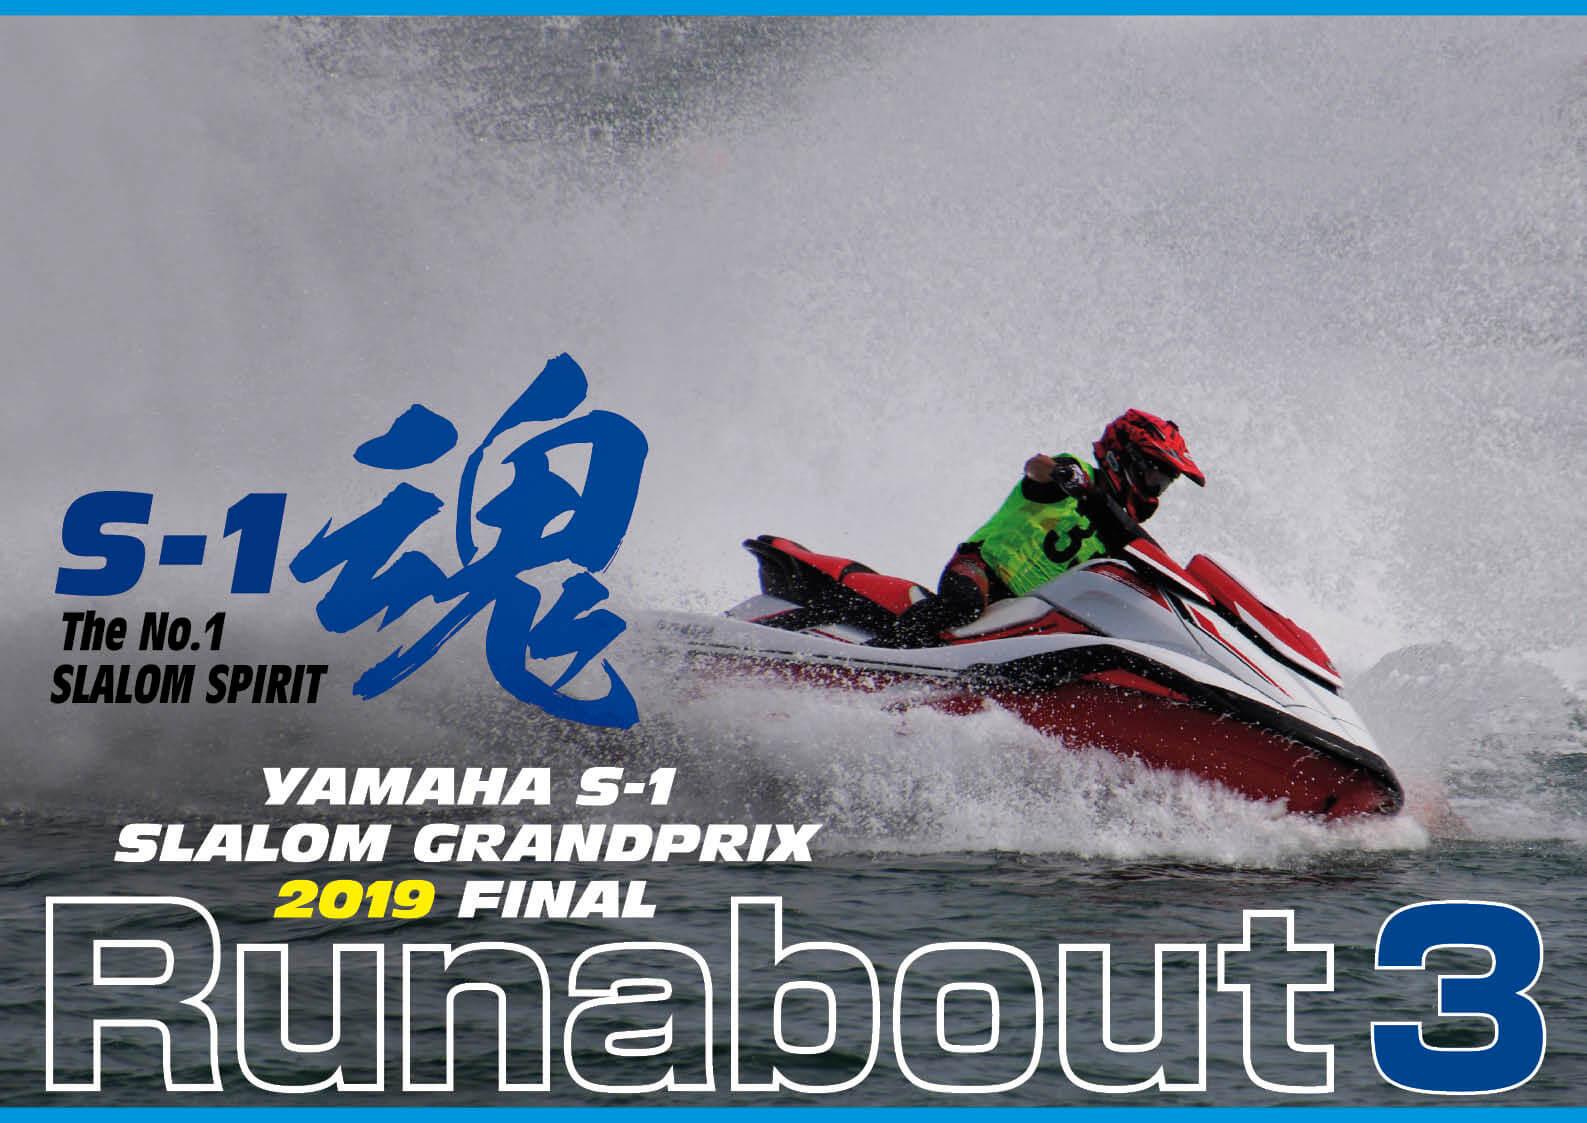 「ランナバウト3 クラス」詳細報告 「FX Figh Output」「FX SHO」「FX SVHO」ヤマハS-1スラロームグランプリ全国選手権大会・水上バイク(ジェットスキー)のレース